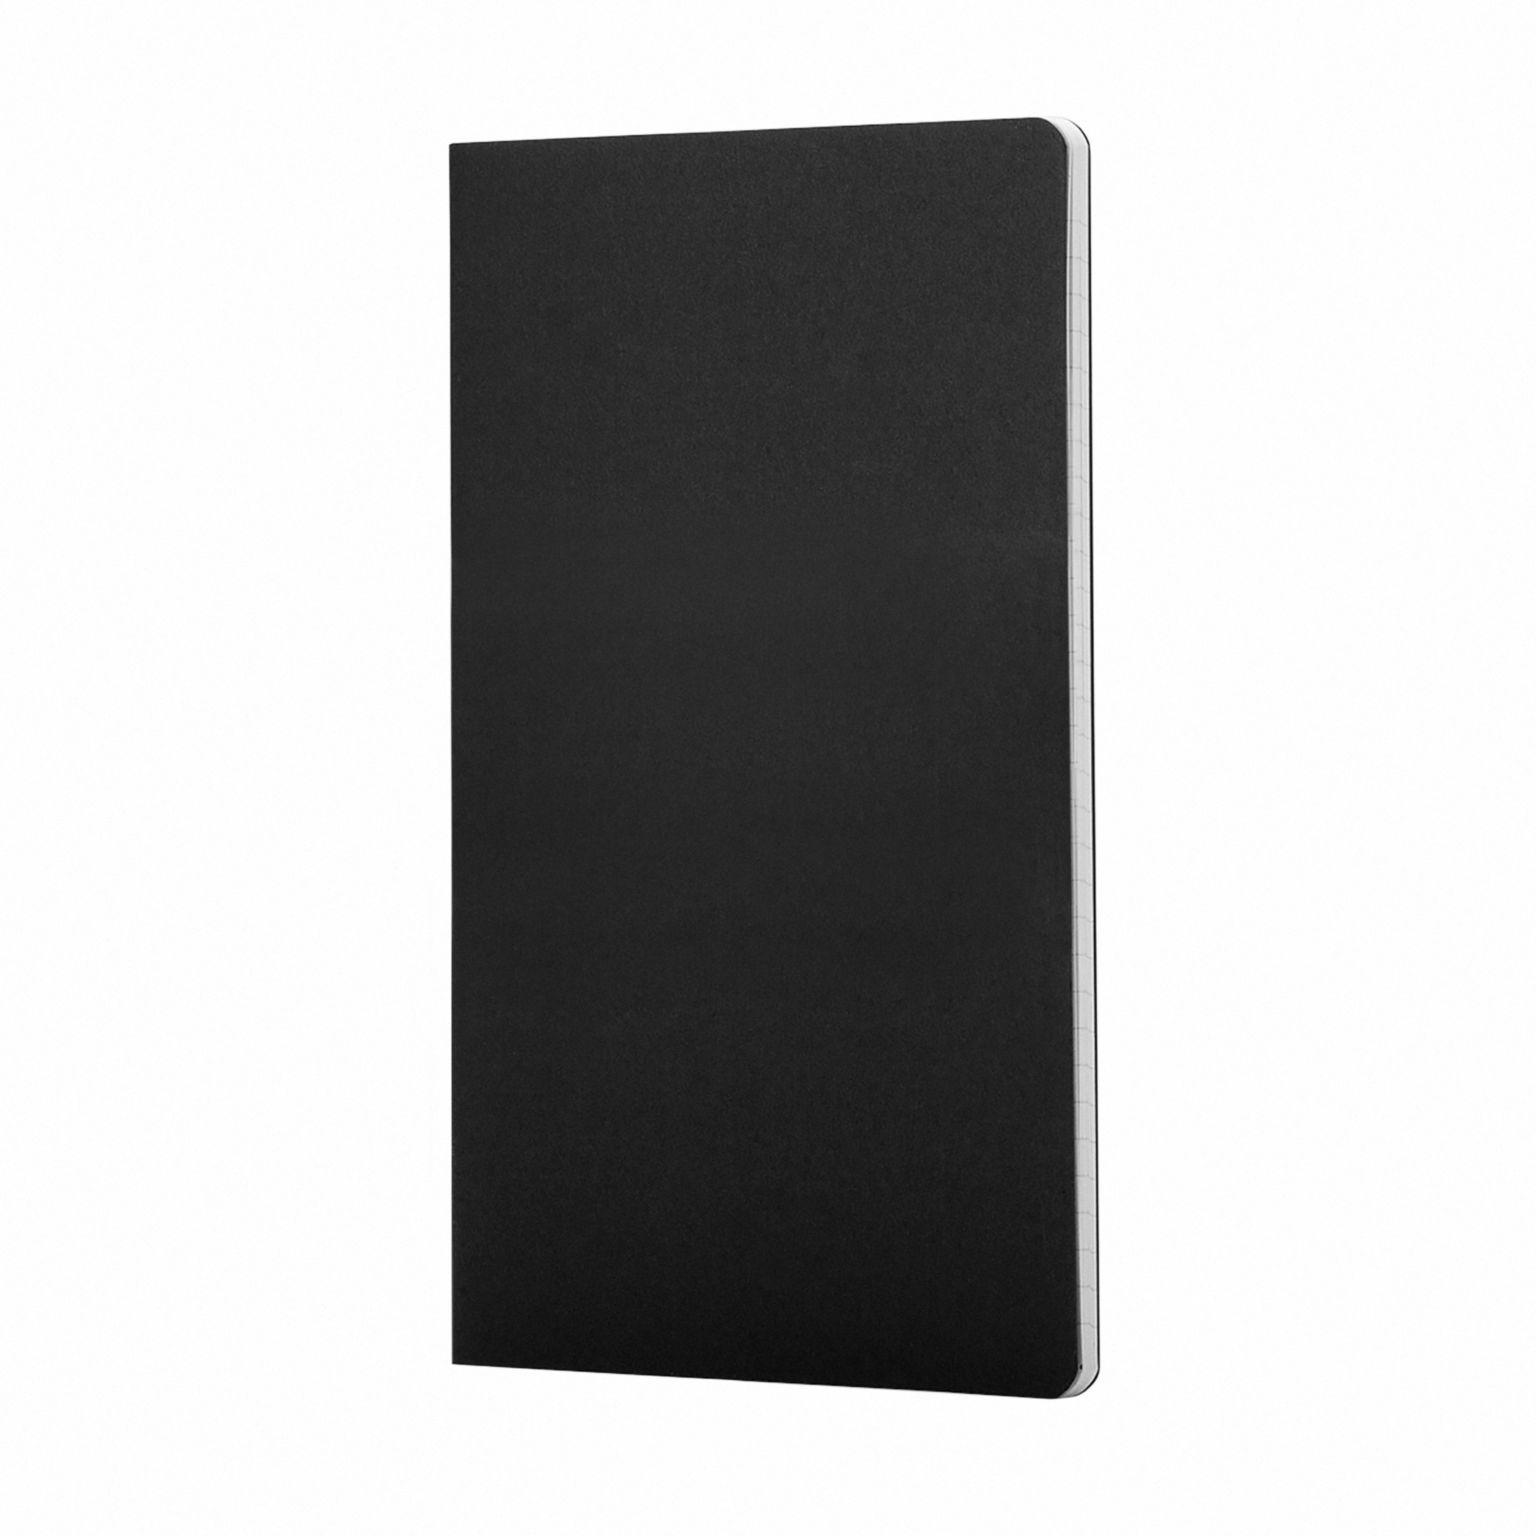 MOLESKINE®   Cahier de poche noir avec papier à rayures publicitaire personnalisé annecy génève chambéry lyon